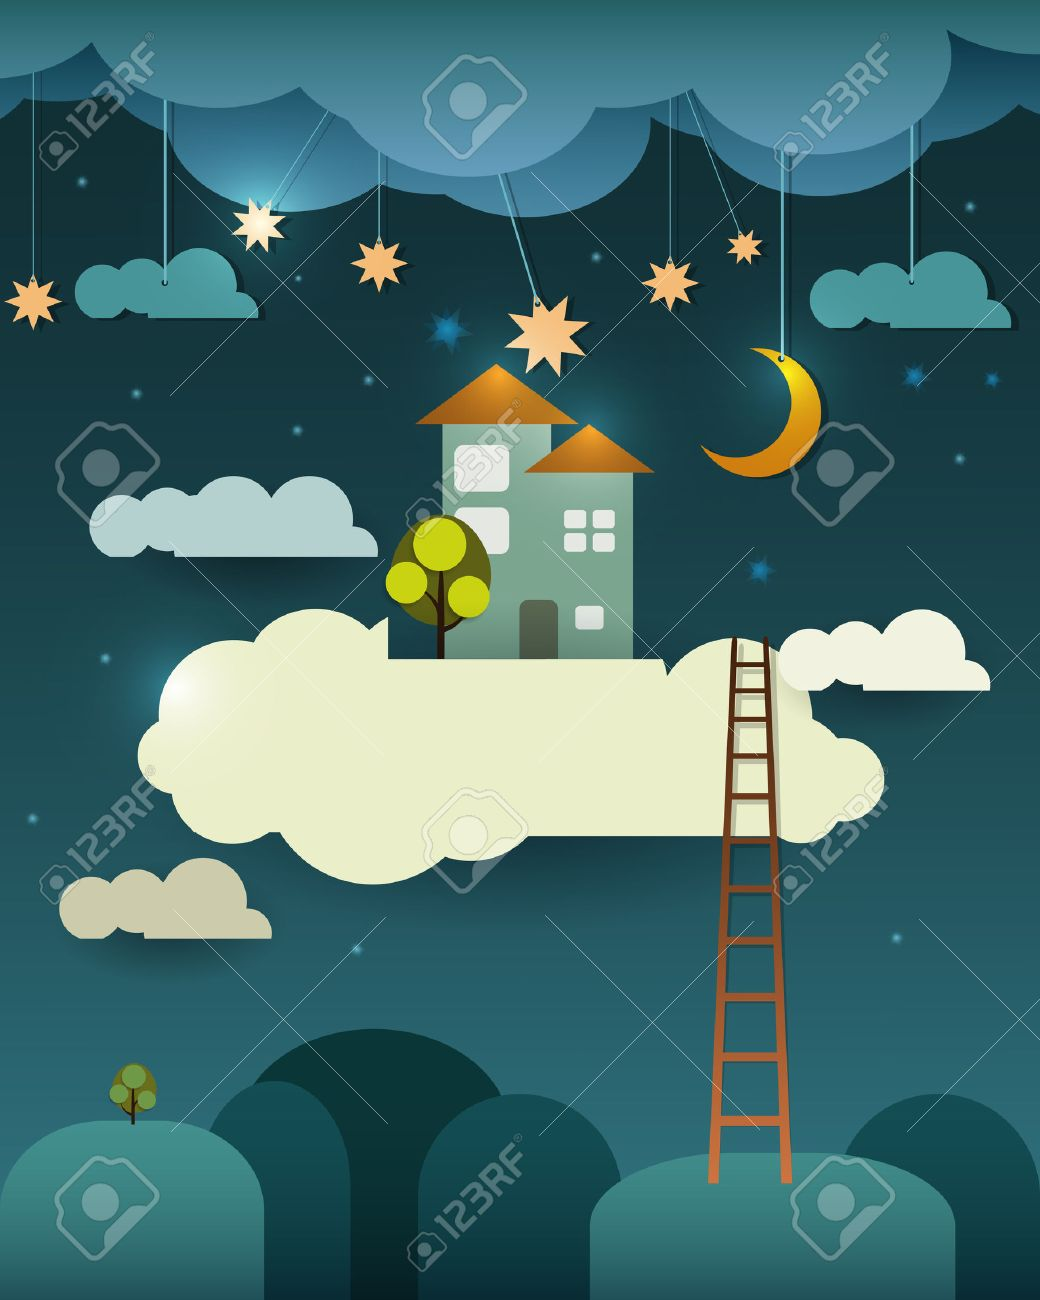 Реферат фантазии дом милый дом moon со звездами облака и небо в  Реферат фантазии дом милый дом moon со звездами облака и небо в ночное